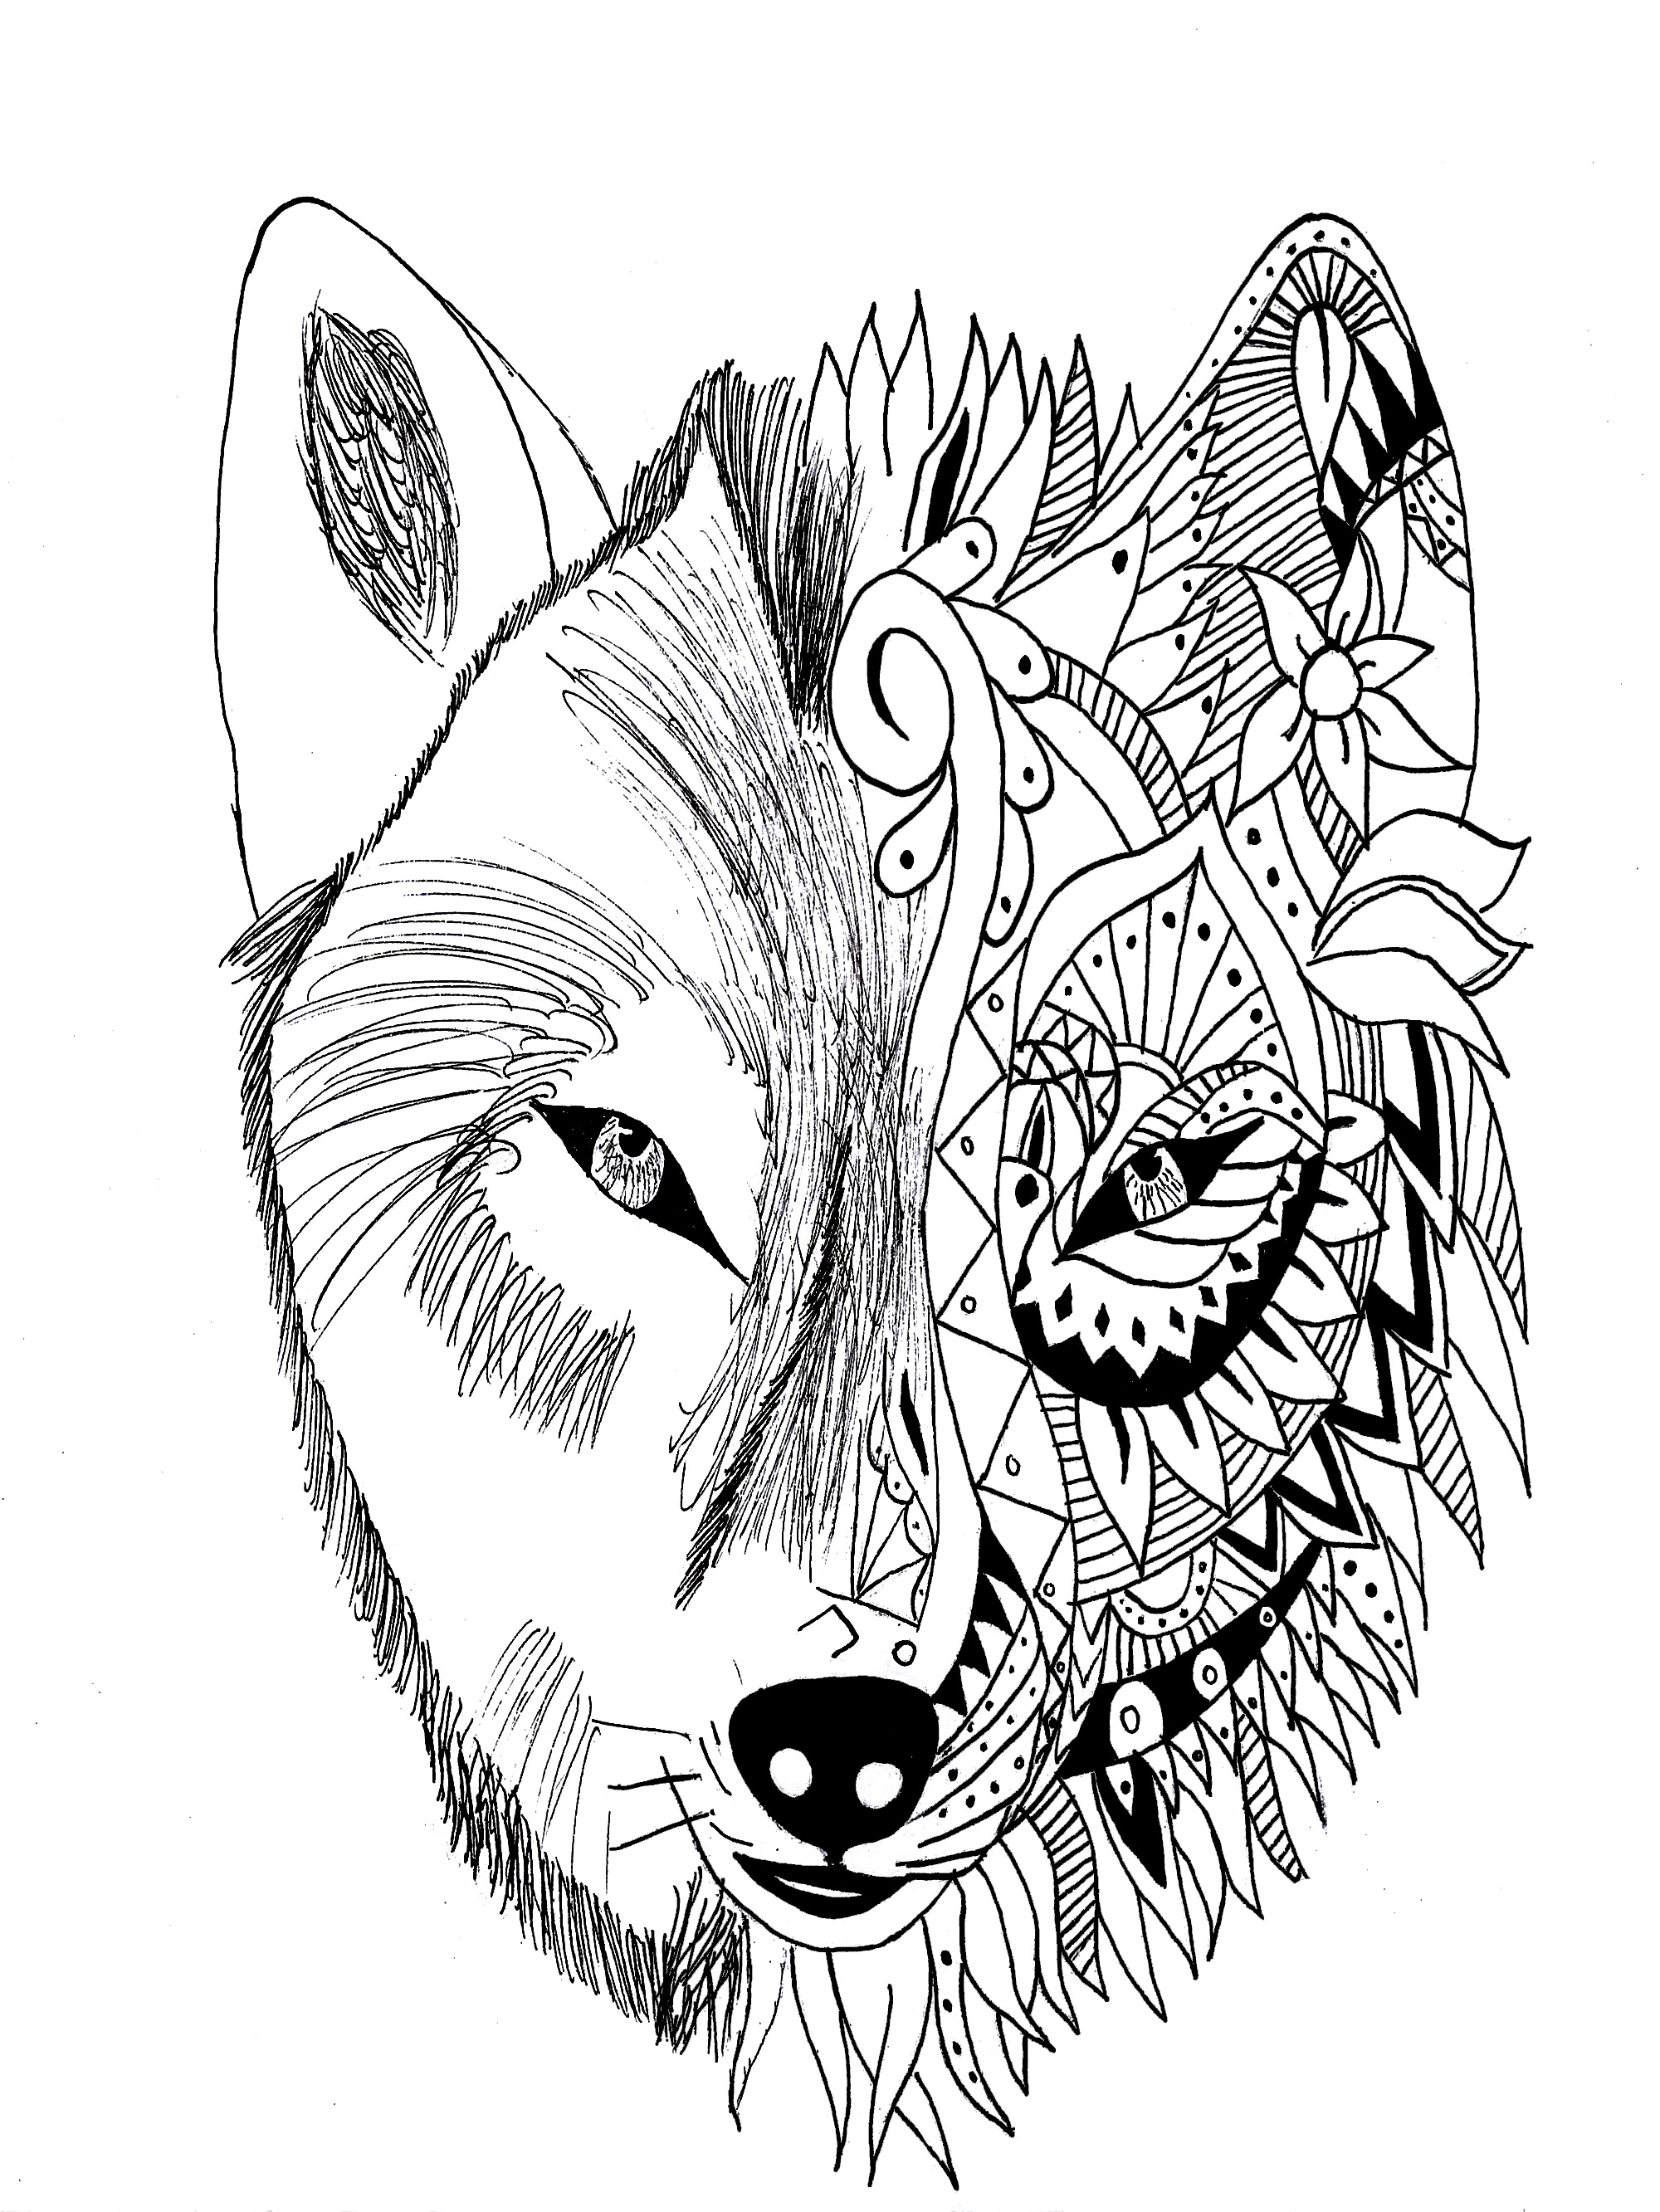 Disegni da colorare per adulti : Tatuaggi - 28